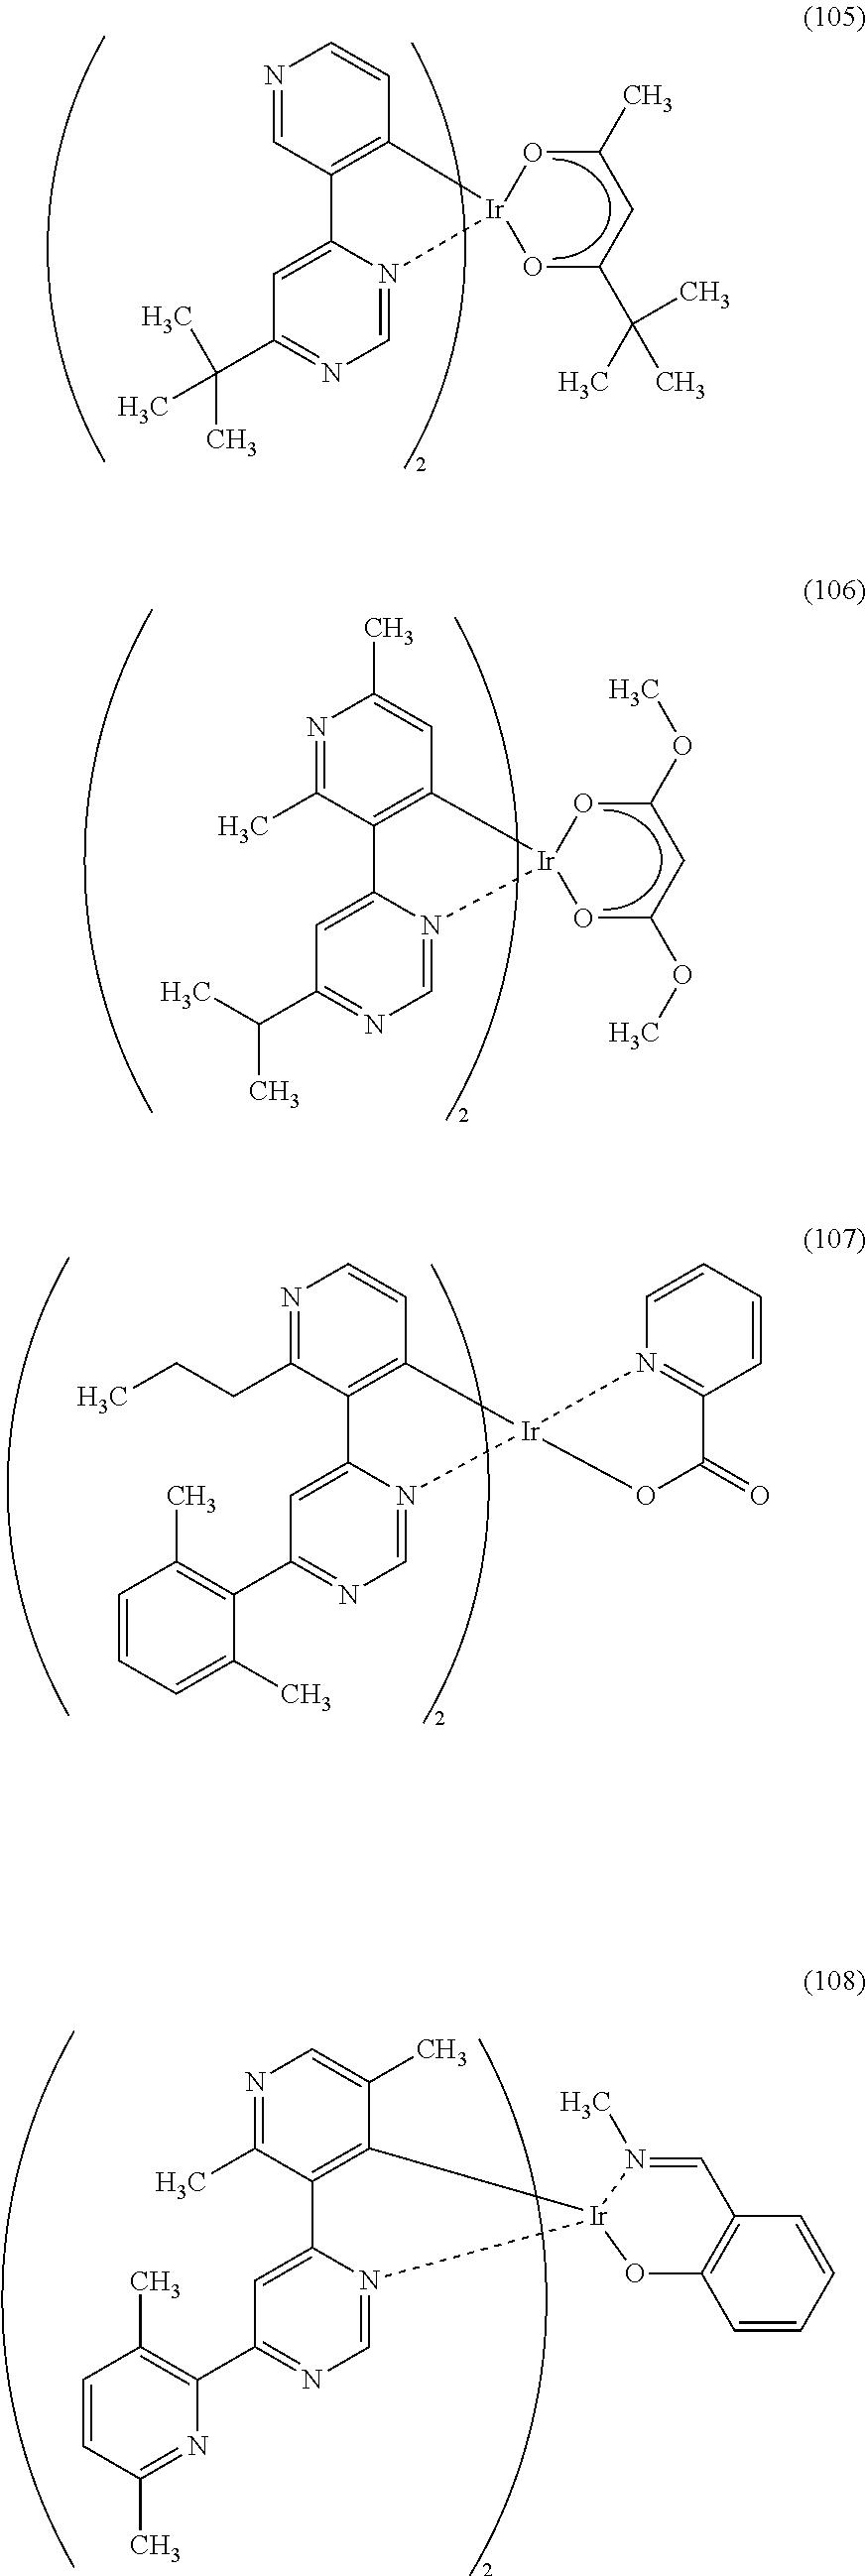 Figure US08889858-20141118-C00017